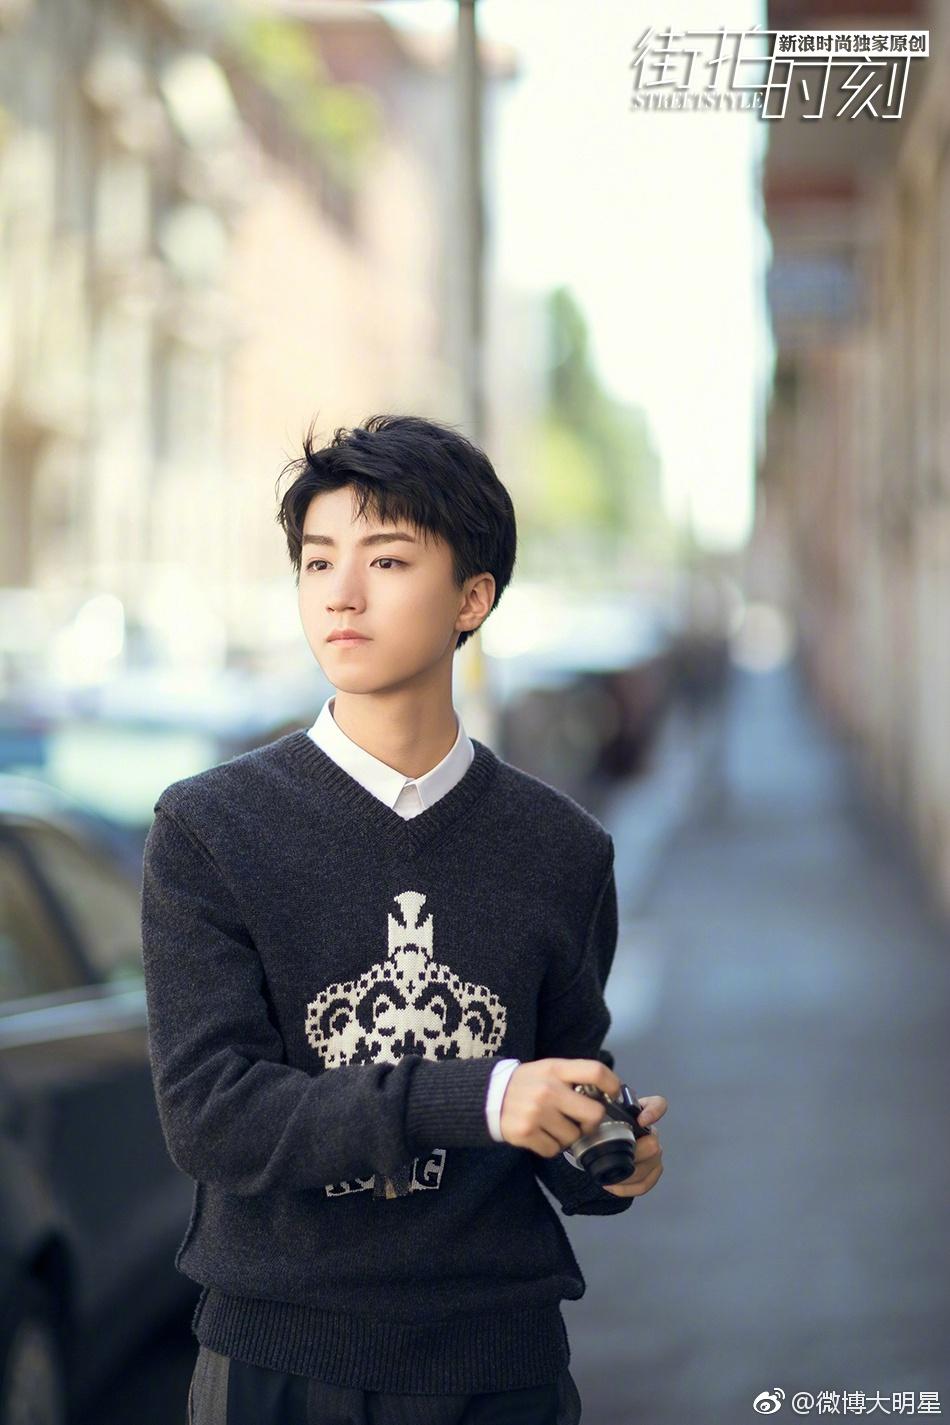 近日,刚从米兰时装周载誉归来的小少年王俊凯曝光了一组自己沐浴在图片